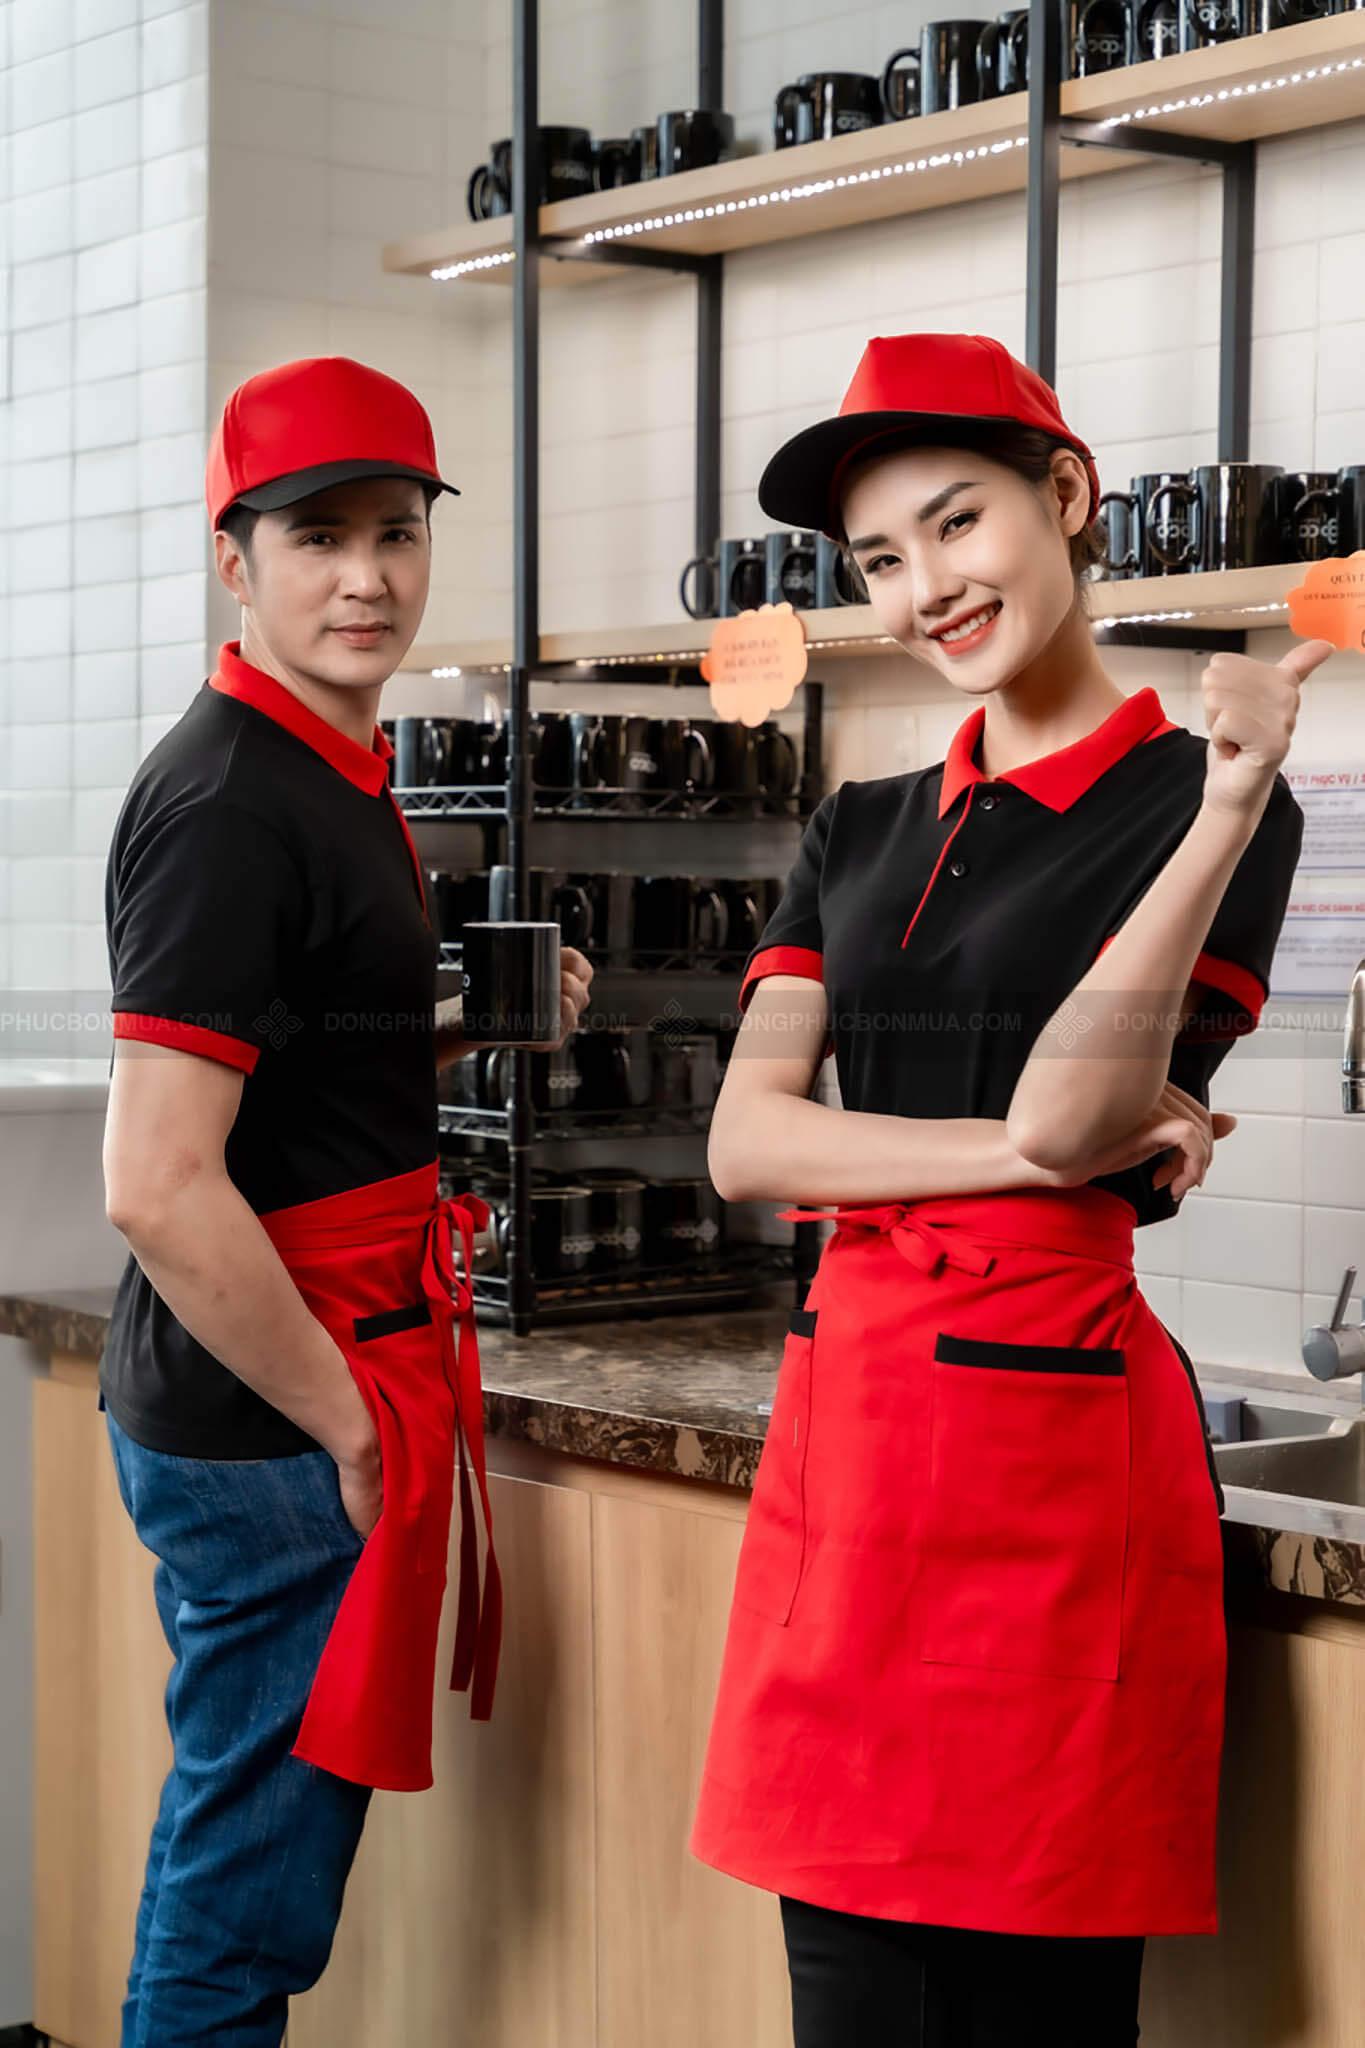 đồng phục nhân viên phục vụ